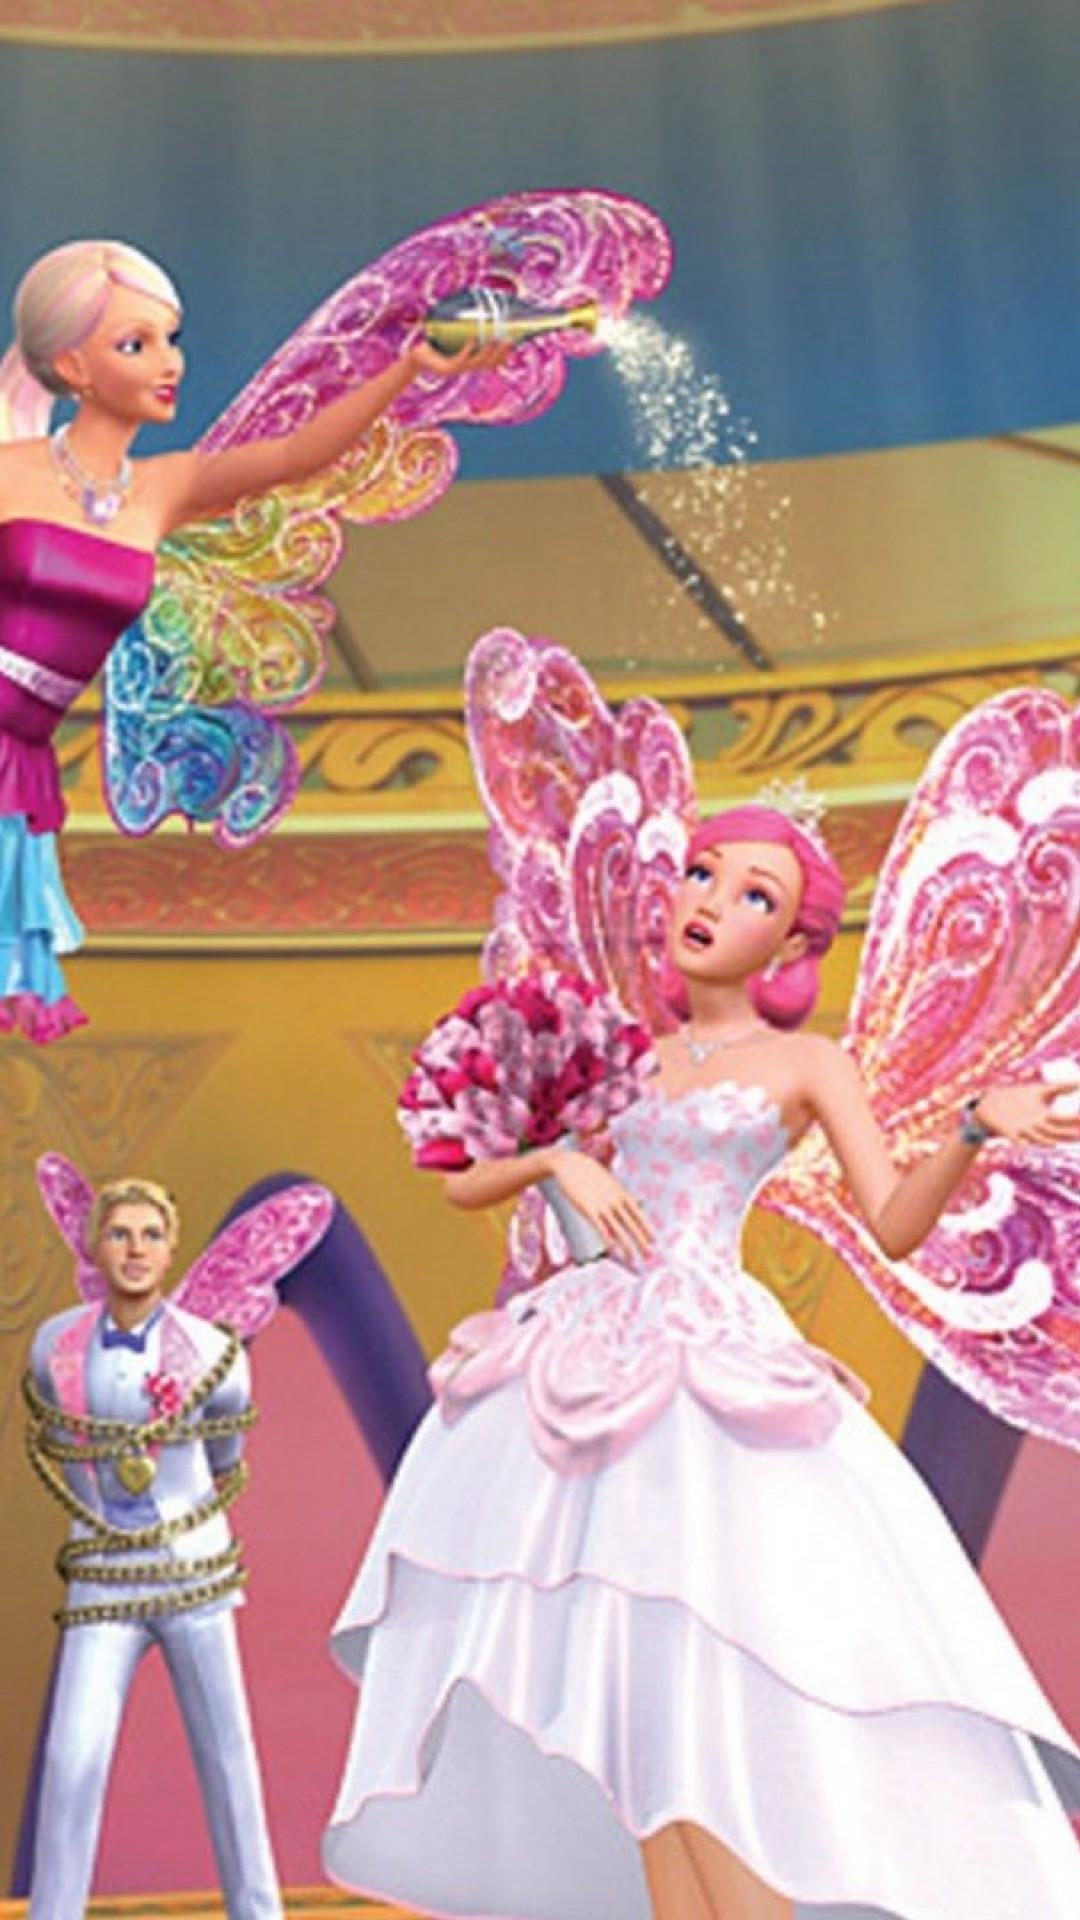 Barbie In A Fairy Secret Hd Wallpaper Iphone 6 6s Plus